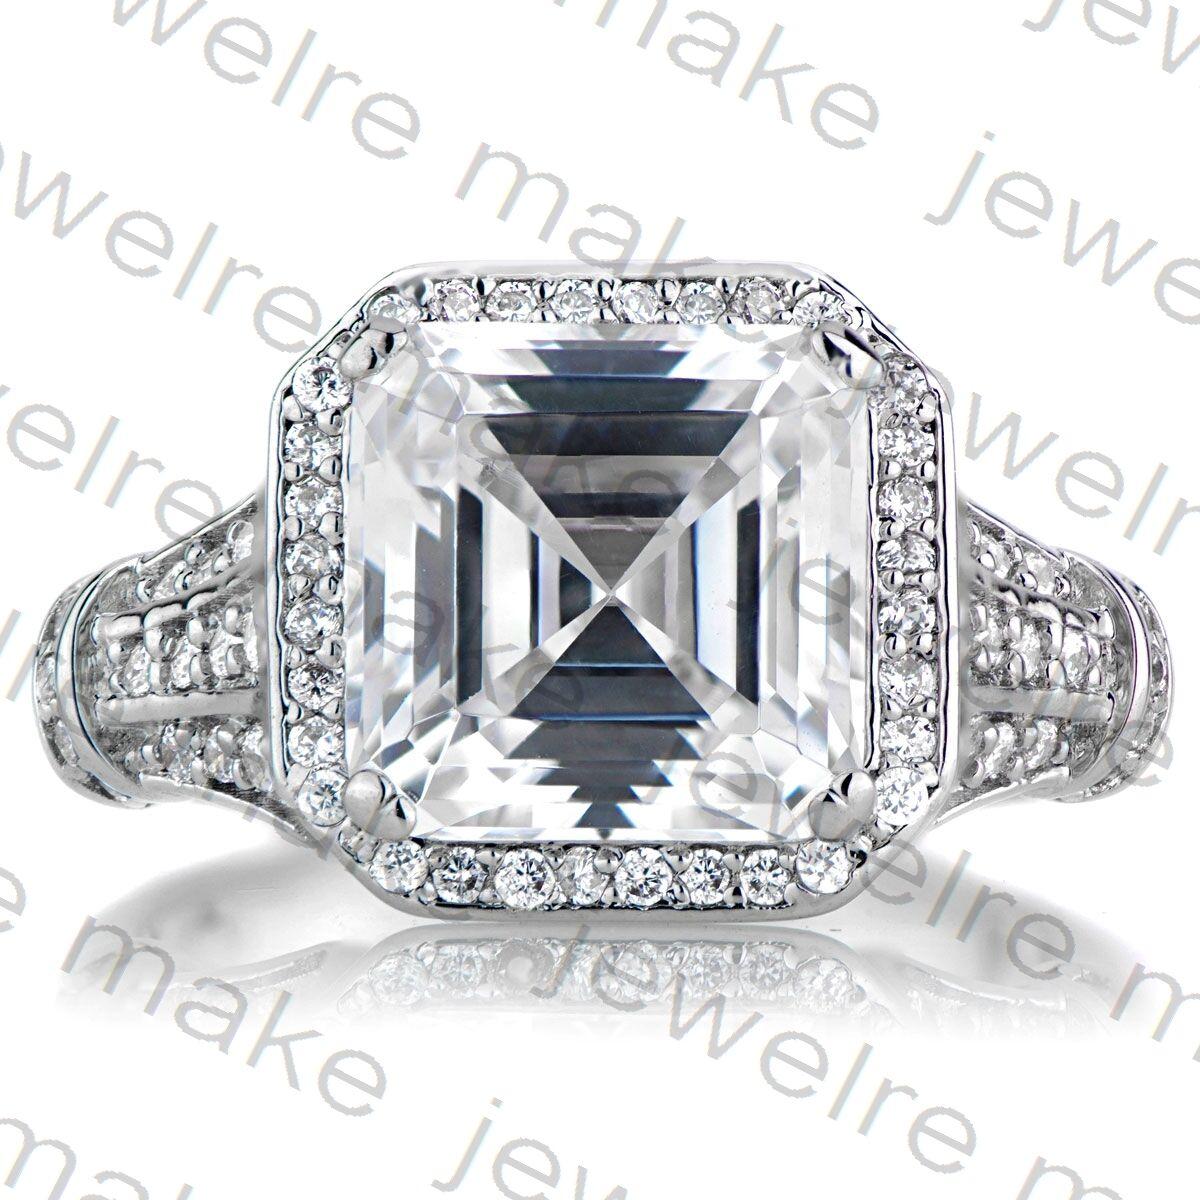 Certified 3.93Ct Asscher Cut Diamond 14K White gold Engagement & Wedding Ring